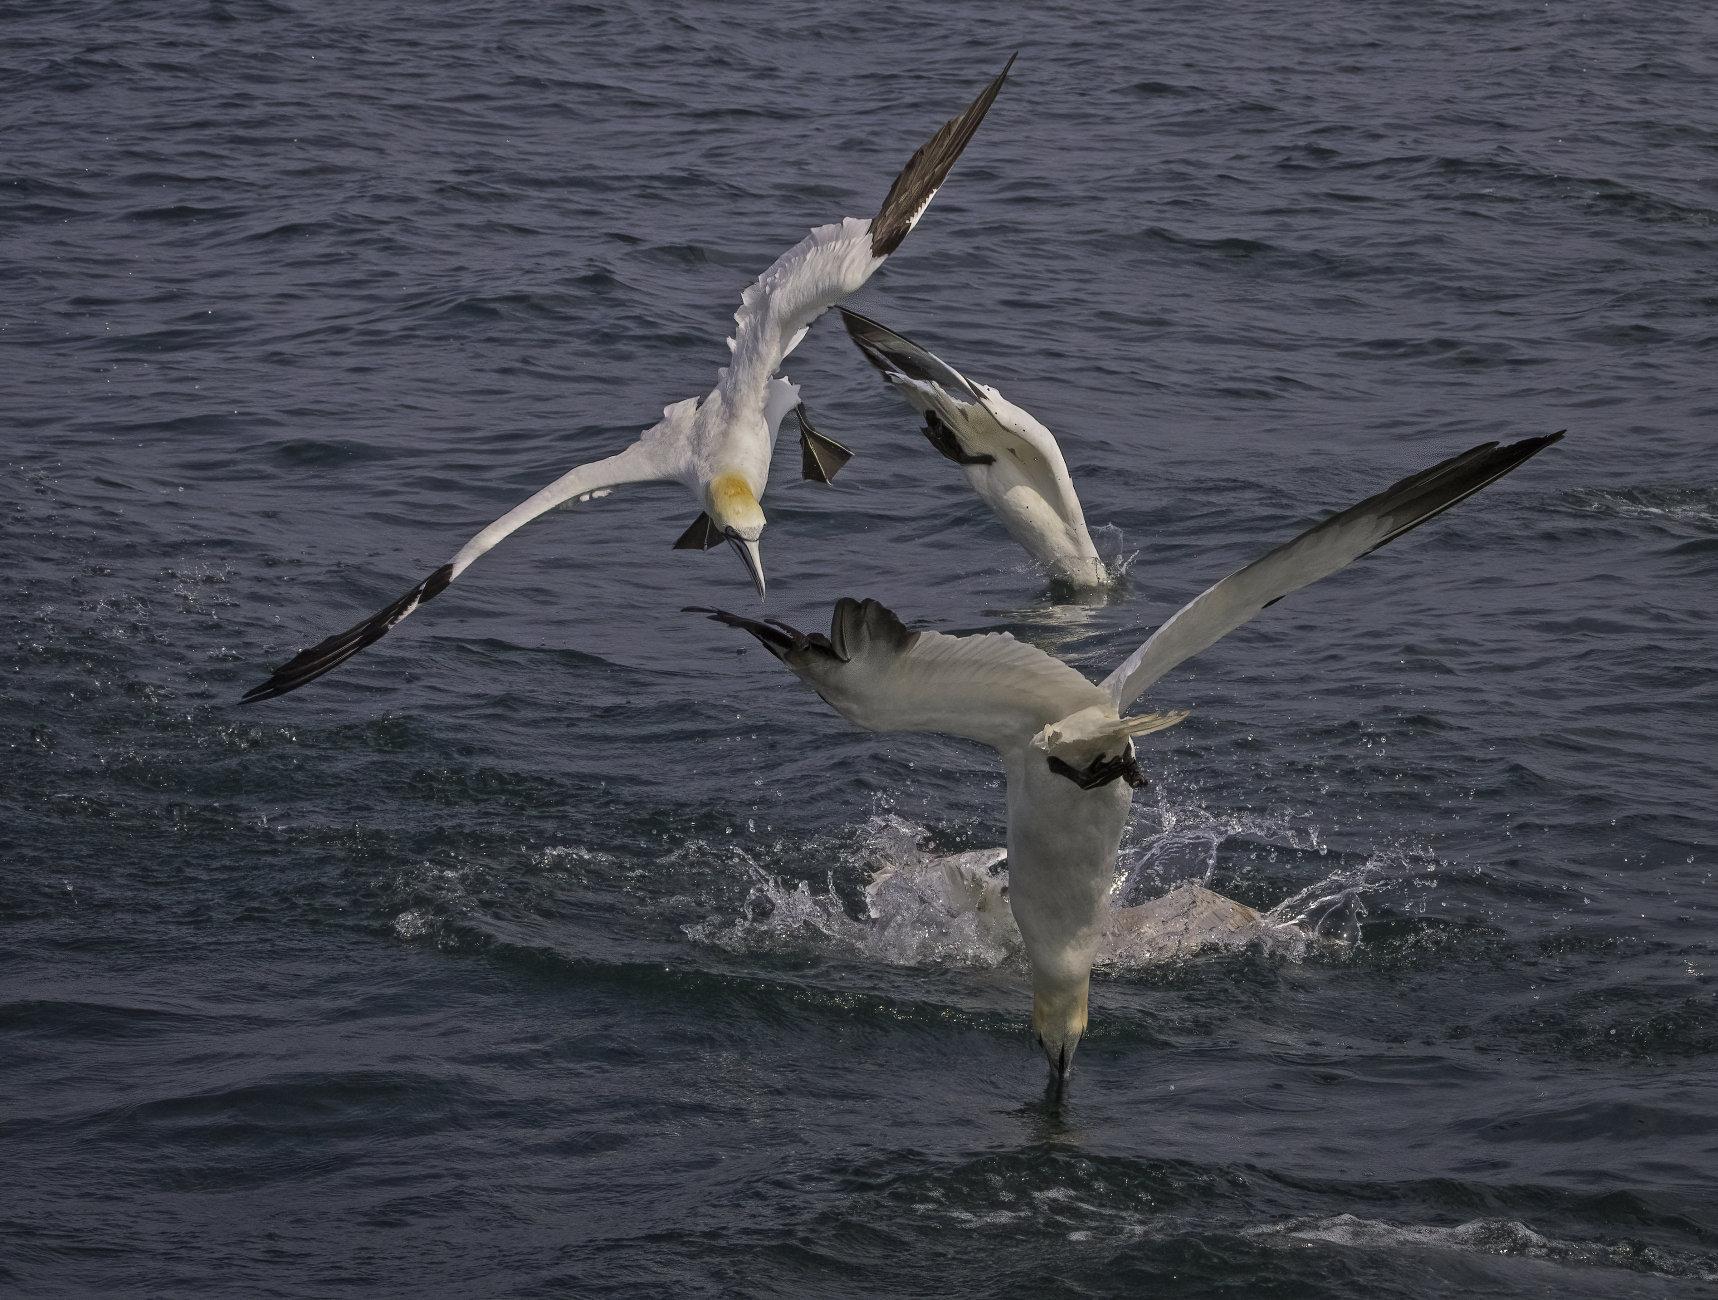 The Gannet Dive